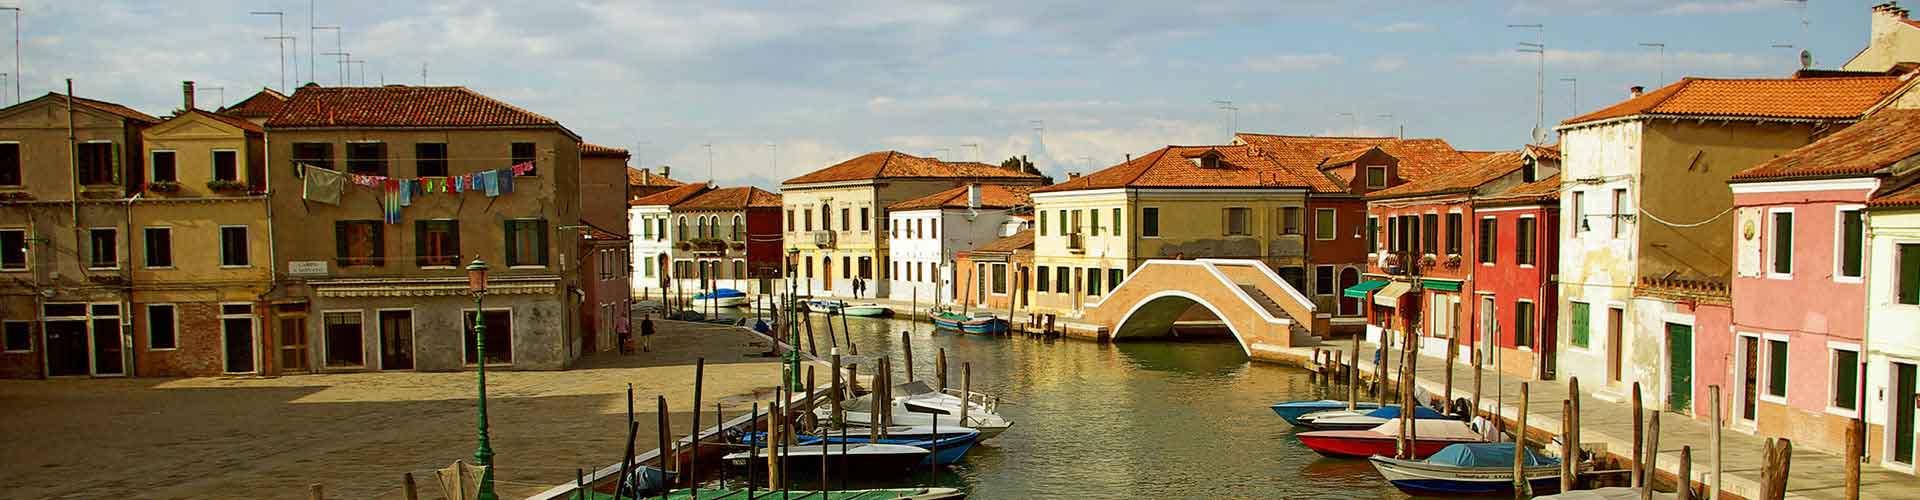 Veneza Mestre – Apartamentos próximos de Aeroporto Marco Polo de Veneza . Mapas para Veneza Mestre, Fotos e Avaliações para cada Apartamento em Veneza Mestre.